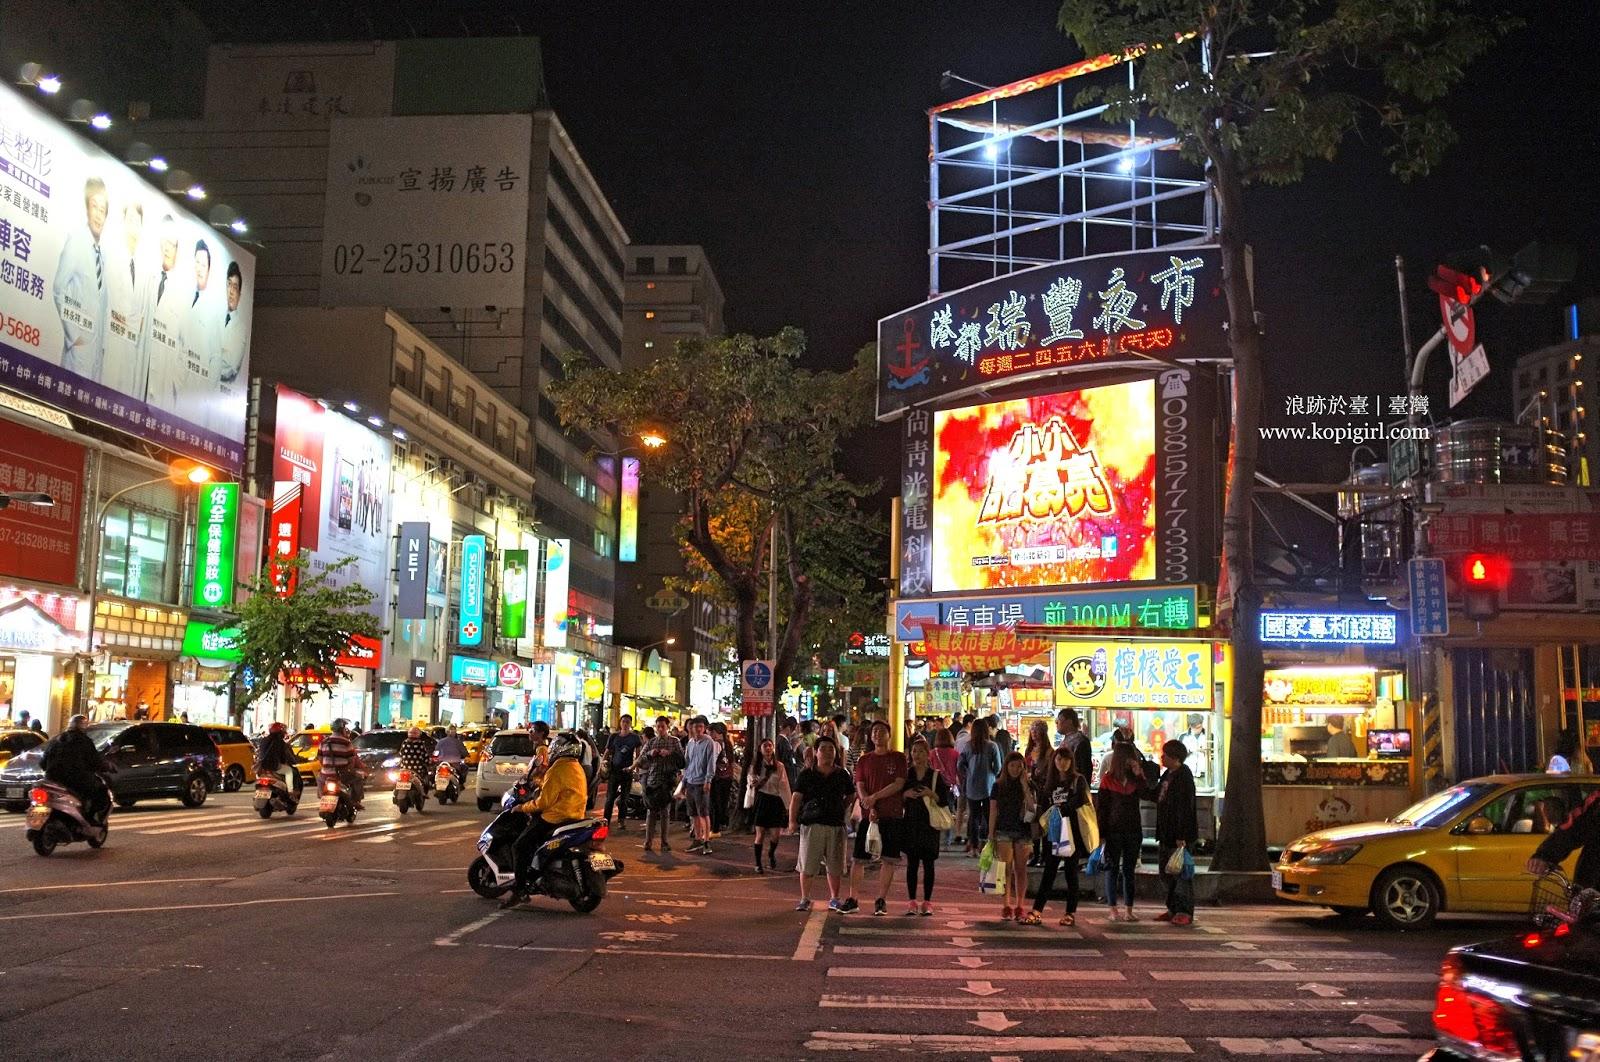 【臺灣】浪跡於臺 |Taiwan|高雄|瑞豐夜市 - Cherlyn - C Life Diary